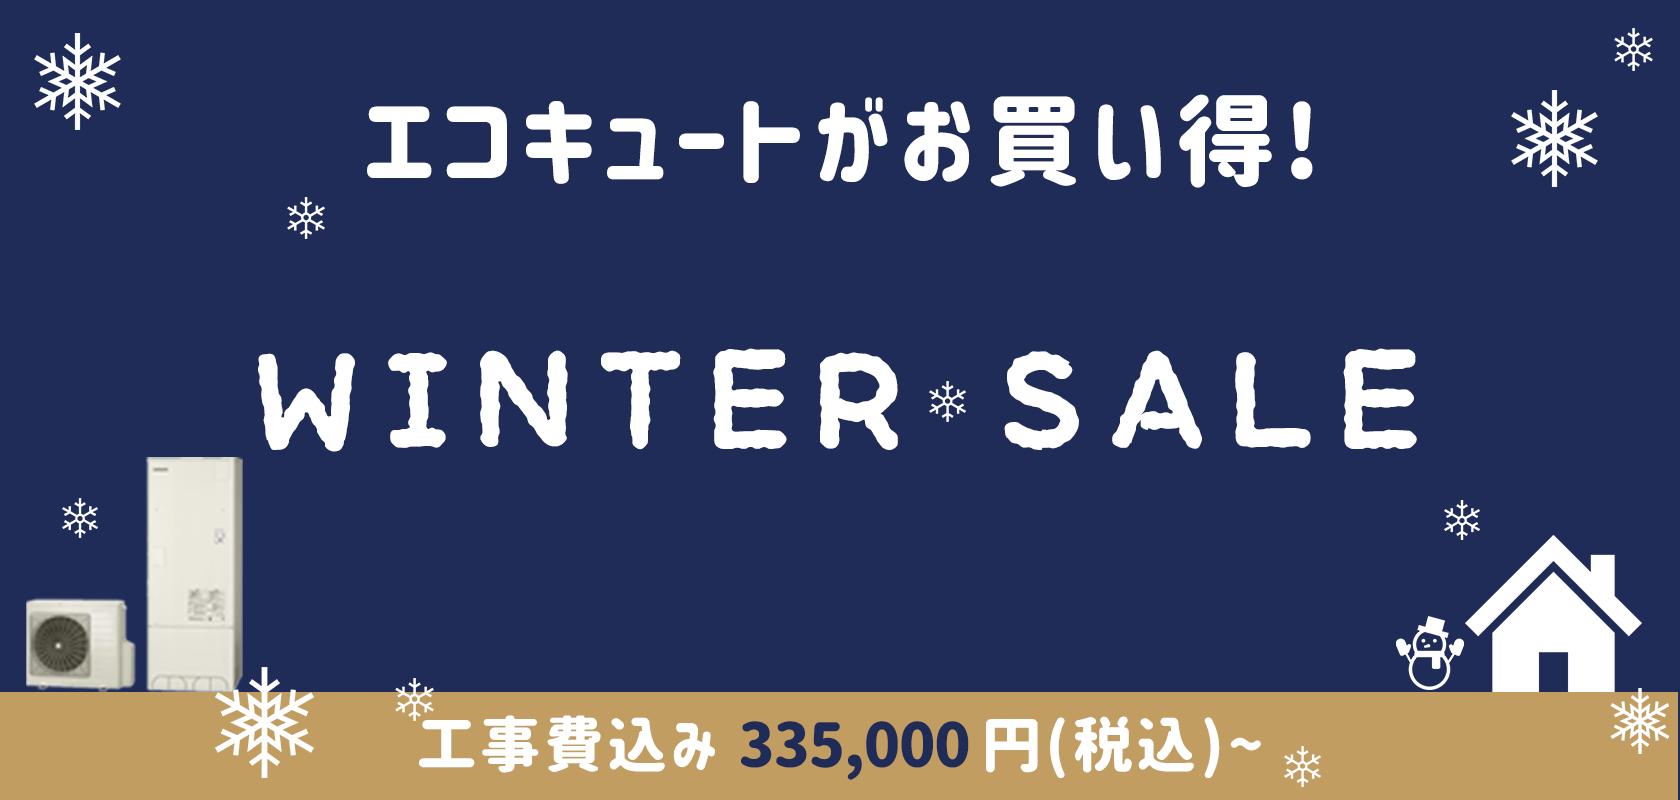 エコキュートウィンターセール!日立・三菱製のエコキュートがお買い得!